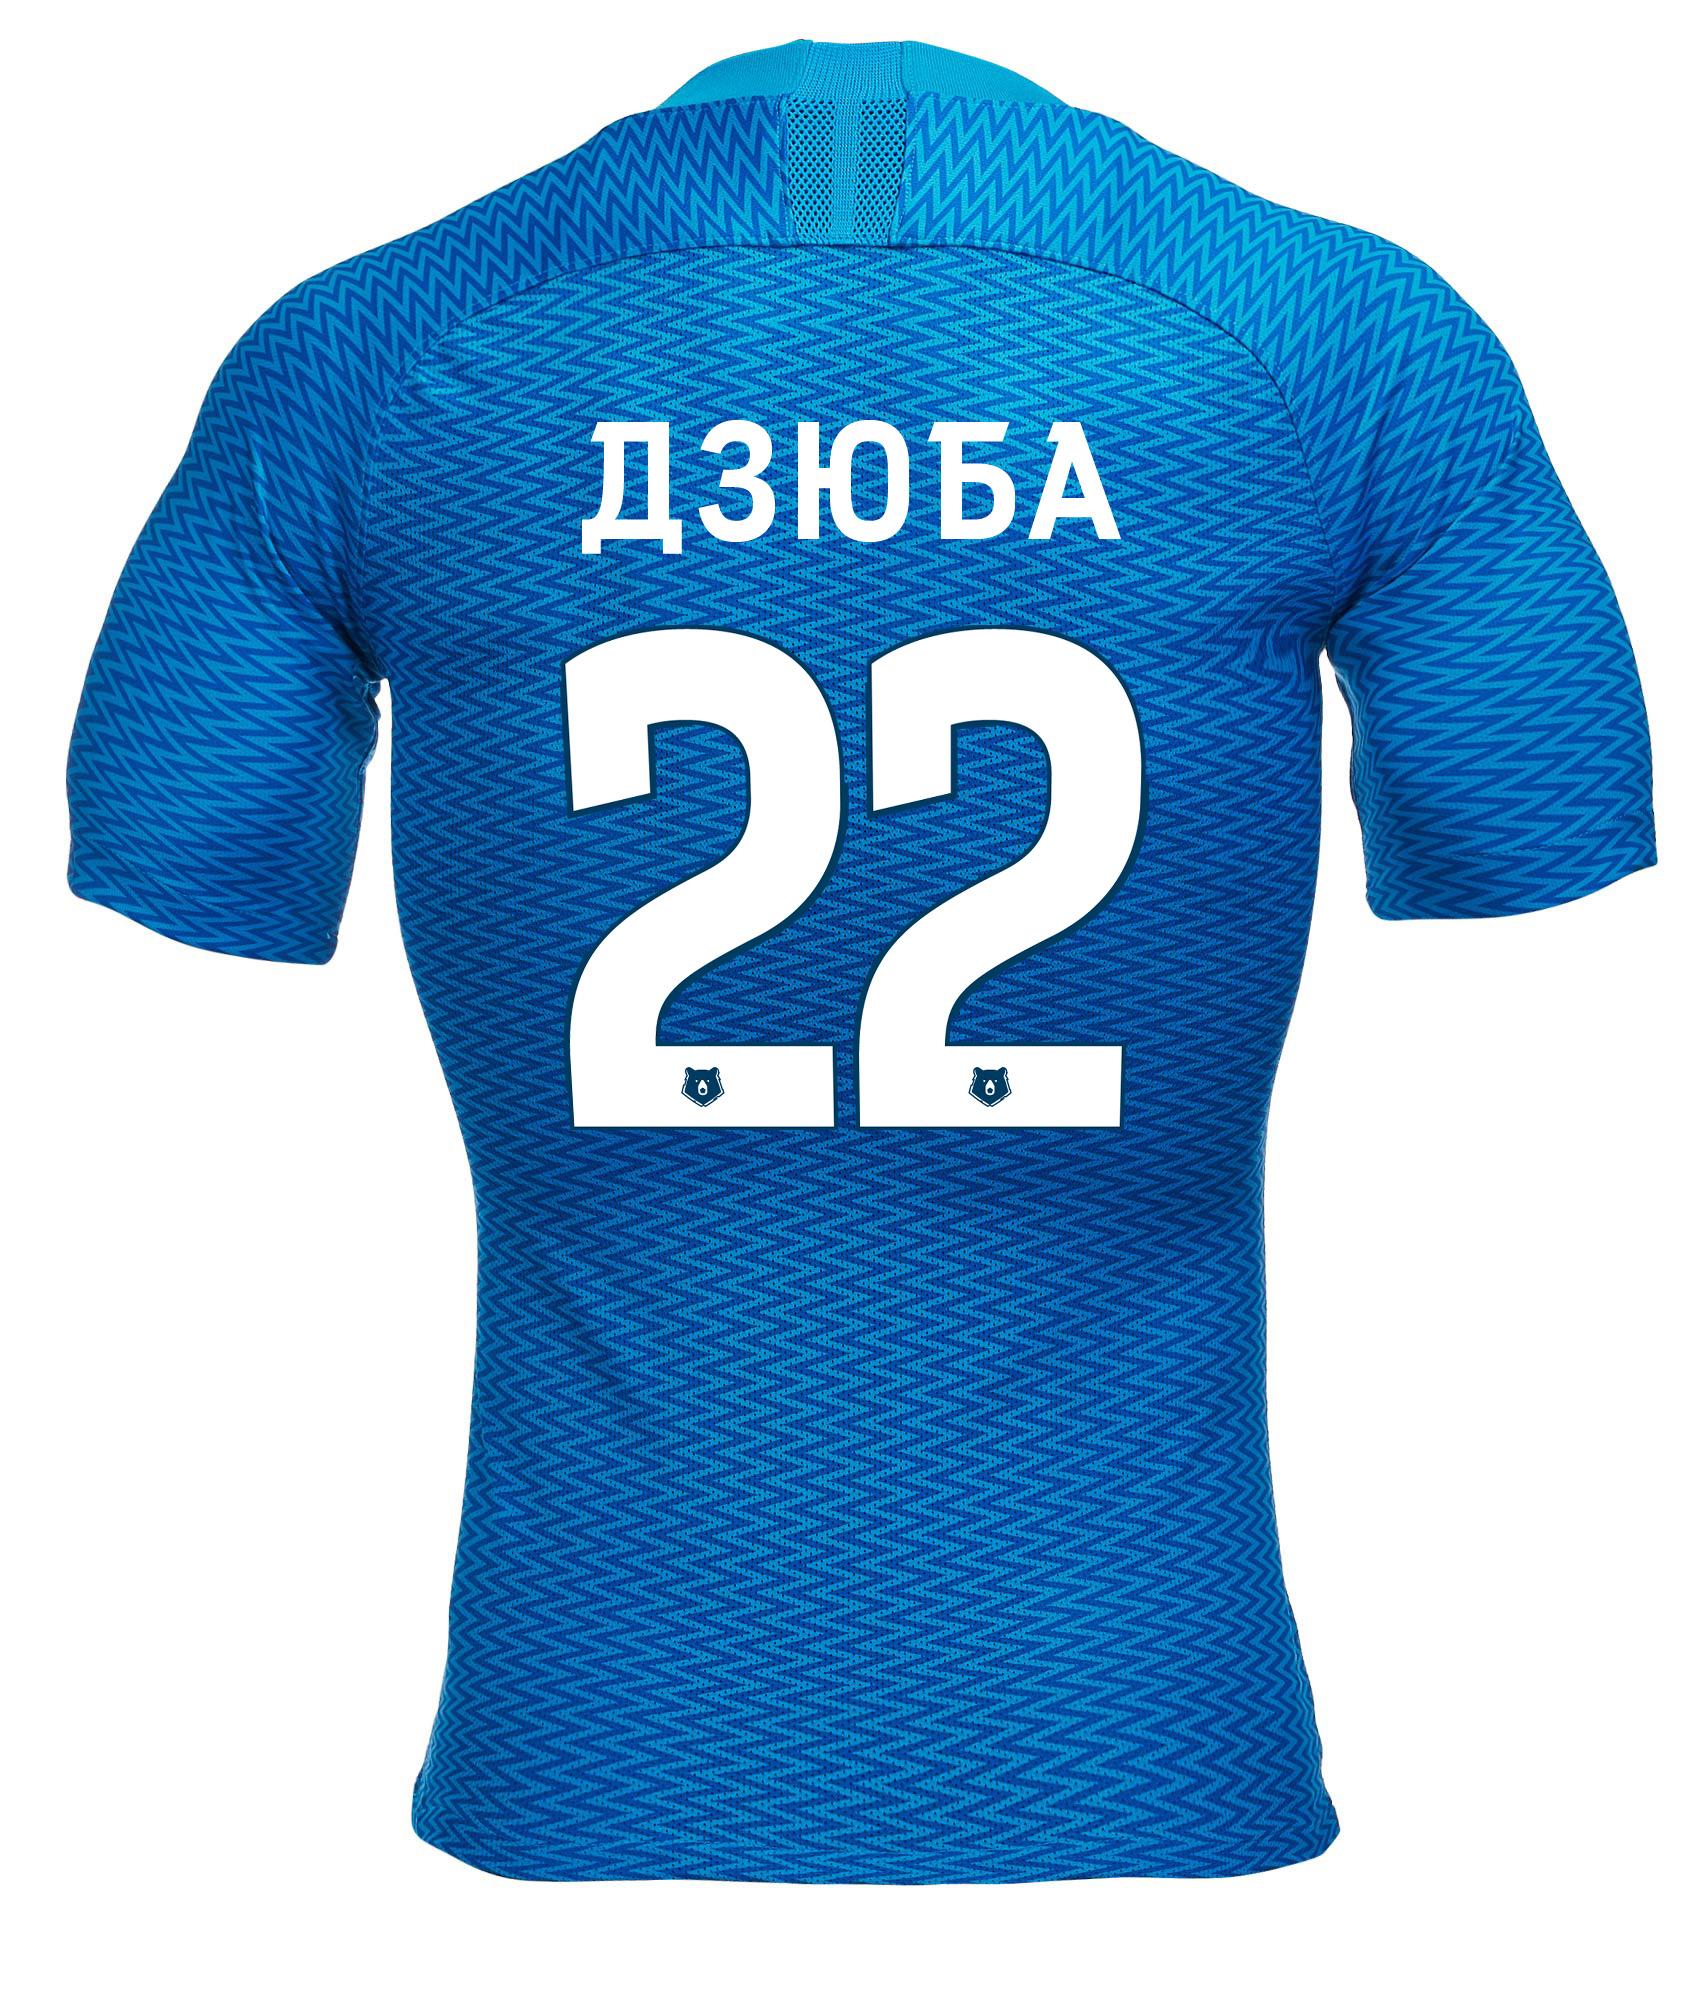 Оригинальная домашняя футболка Nike Дзюба 22 2018/19 Nike оригинальная домашняя футболка nike дзюба 22 2018 19 nike